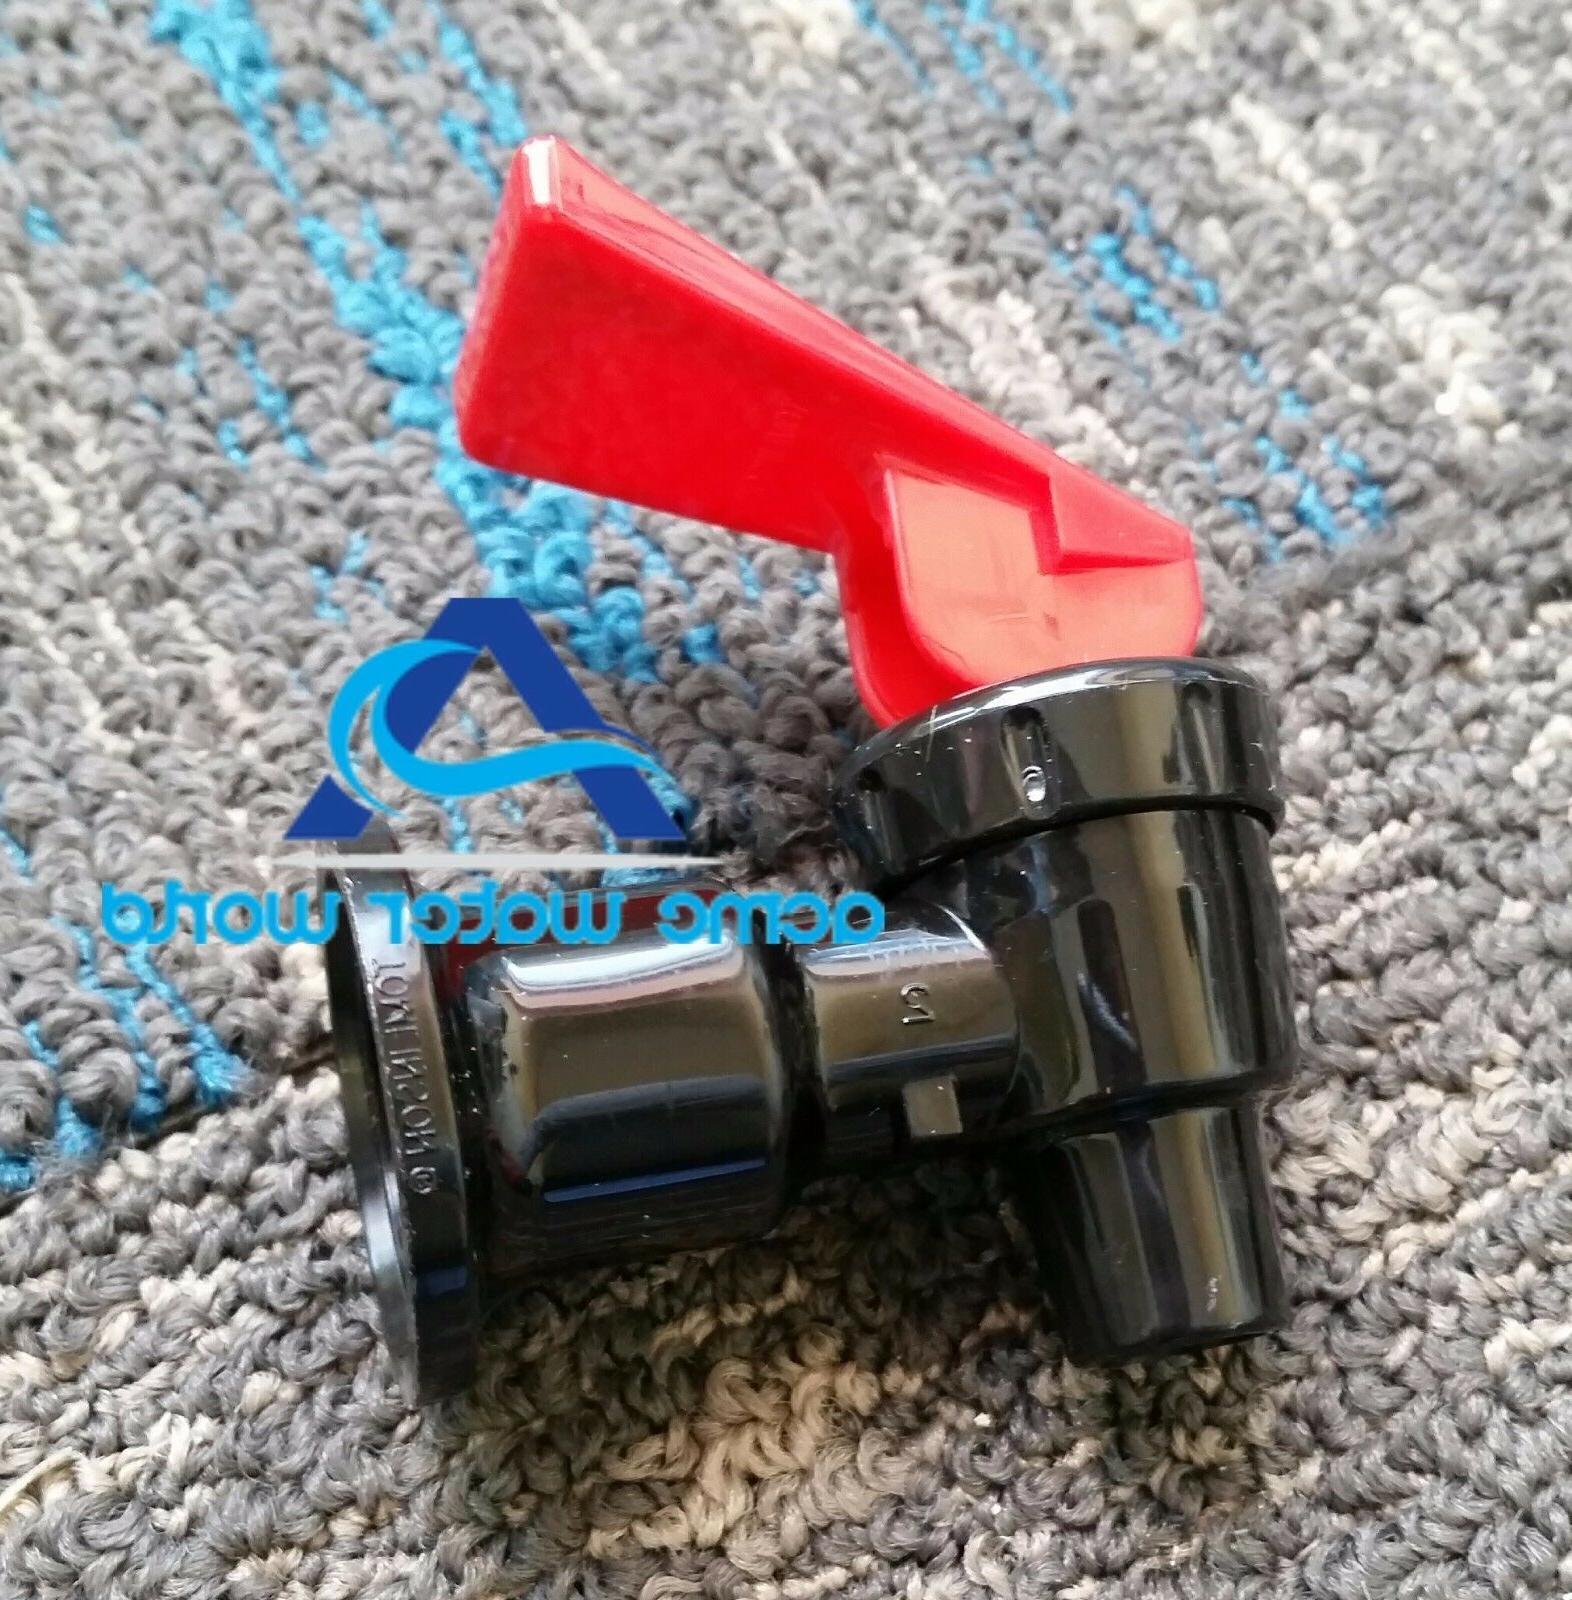 Red  Water Cooler Spigot Faucet Dispenser Replacement Tomlin